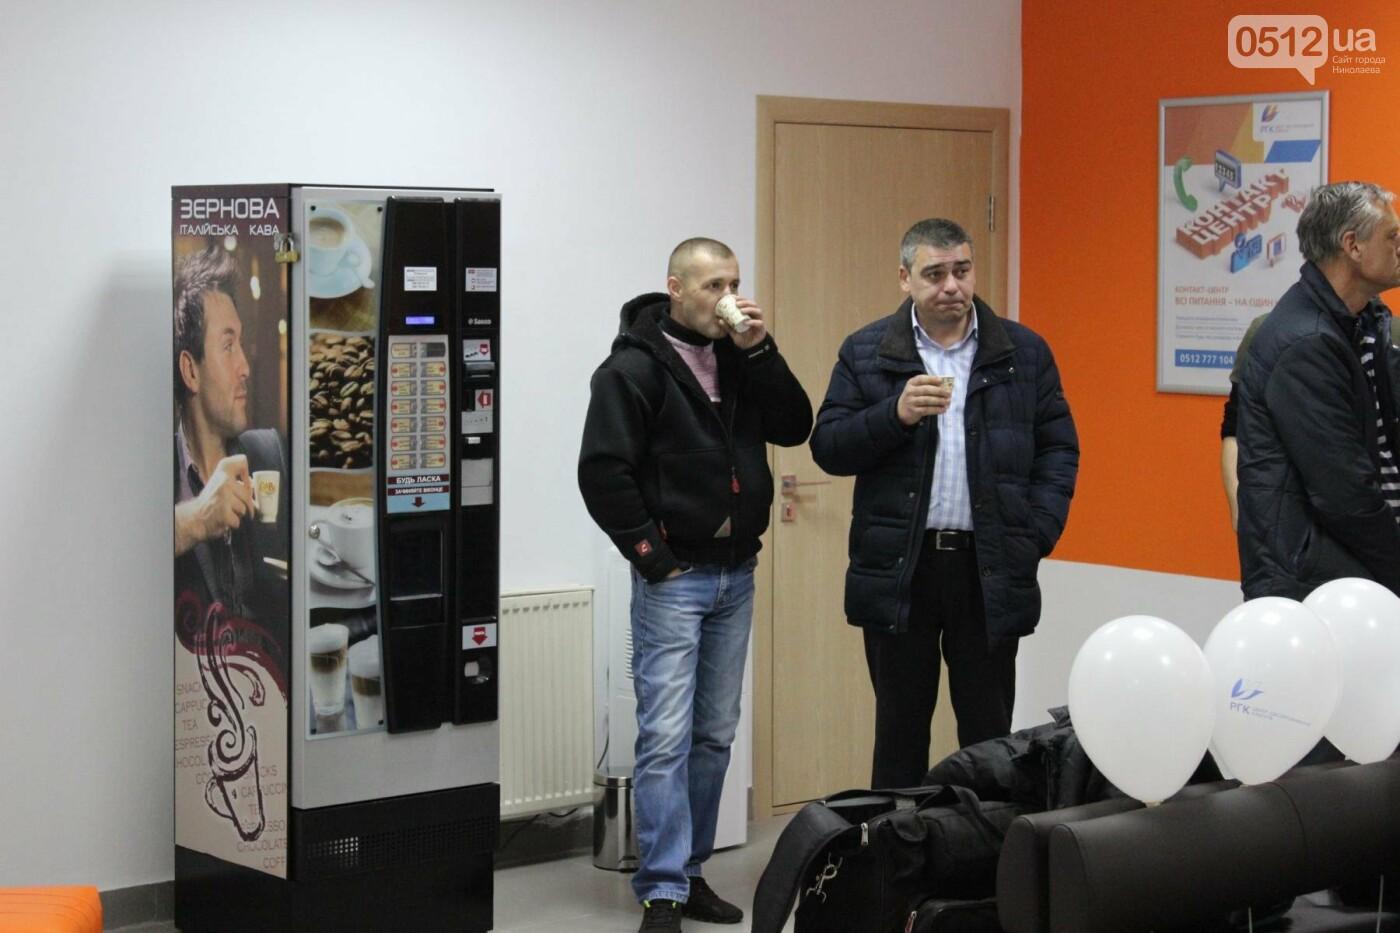 """""""Все услуги в одном месте"""": Николаевгаз открыл новый абонентский центр, - ФОТО, фото-2"""